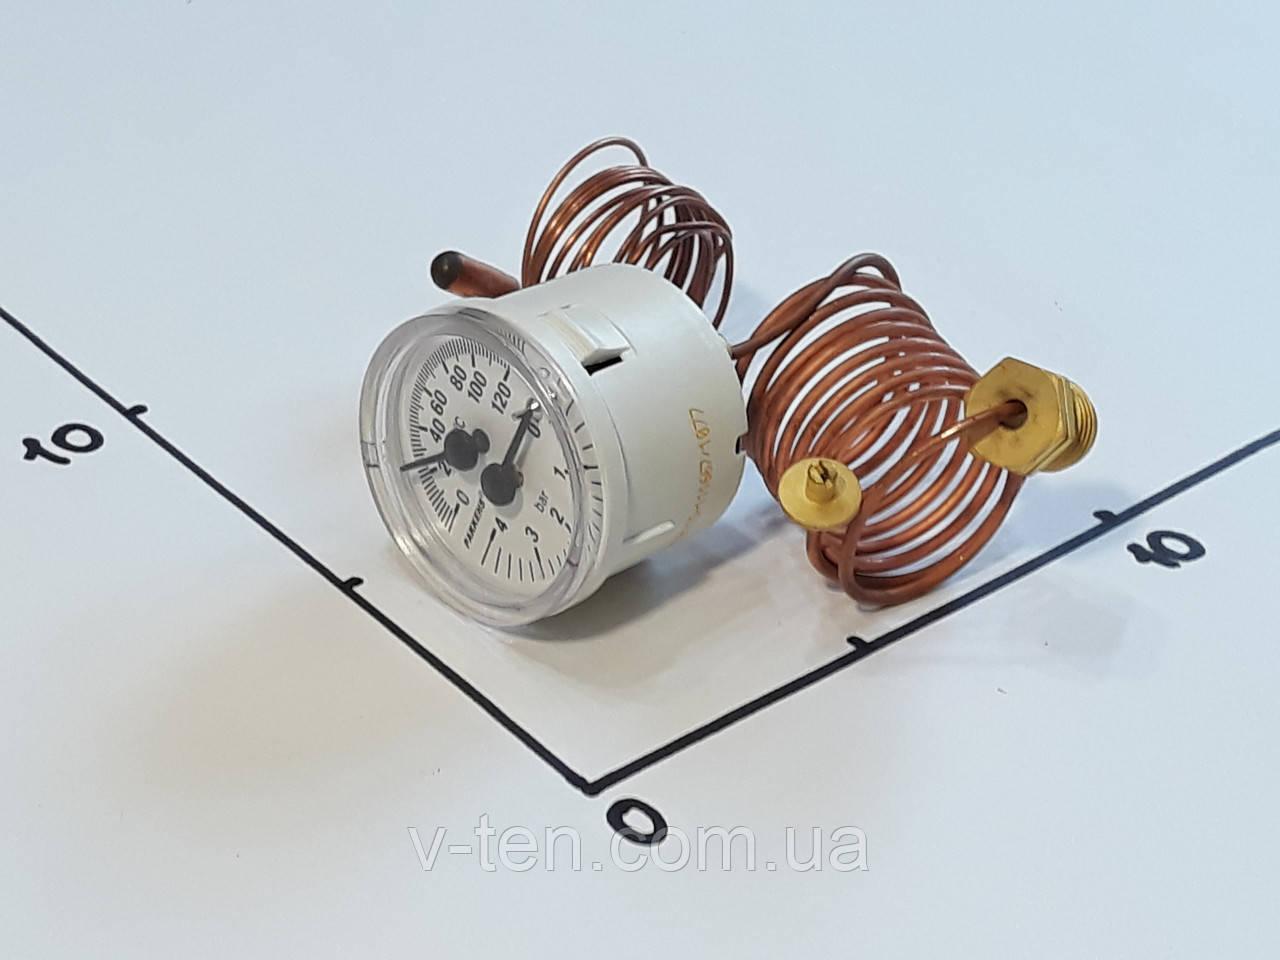 Термоманометр Ø40мм / 120°С / 0-4 бар / L-100 cм капиллярный PAKKENS (Турция)